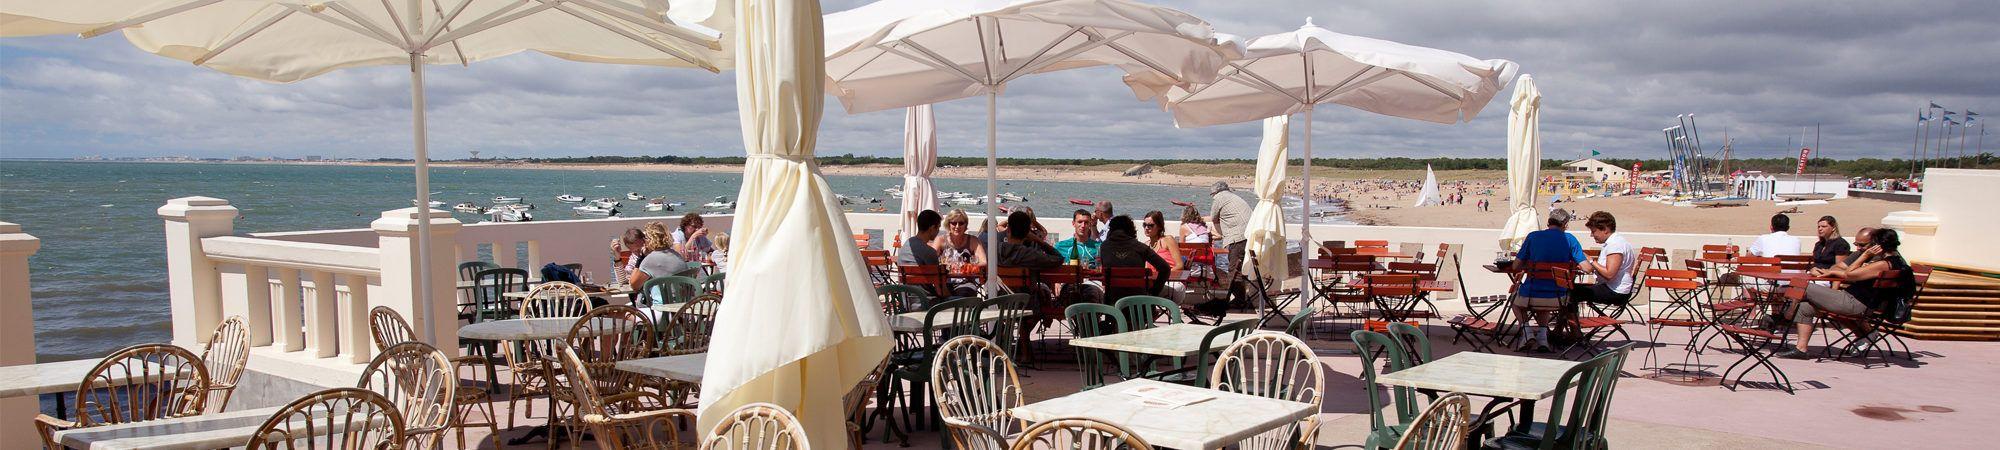 Bandeau de la page 'Restaurants – Bars